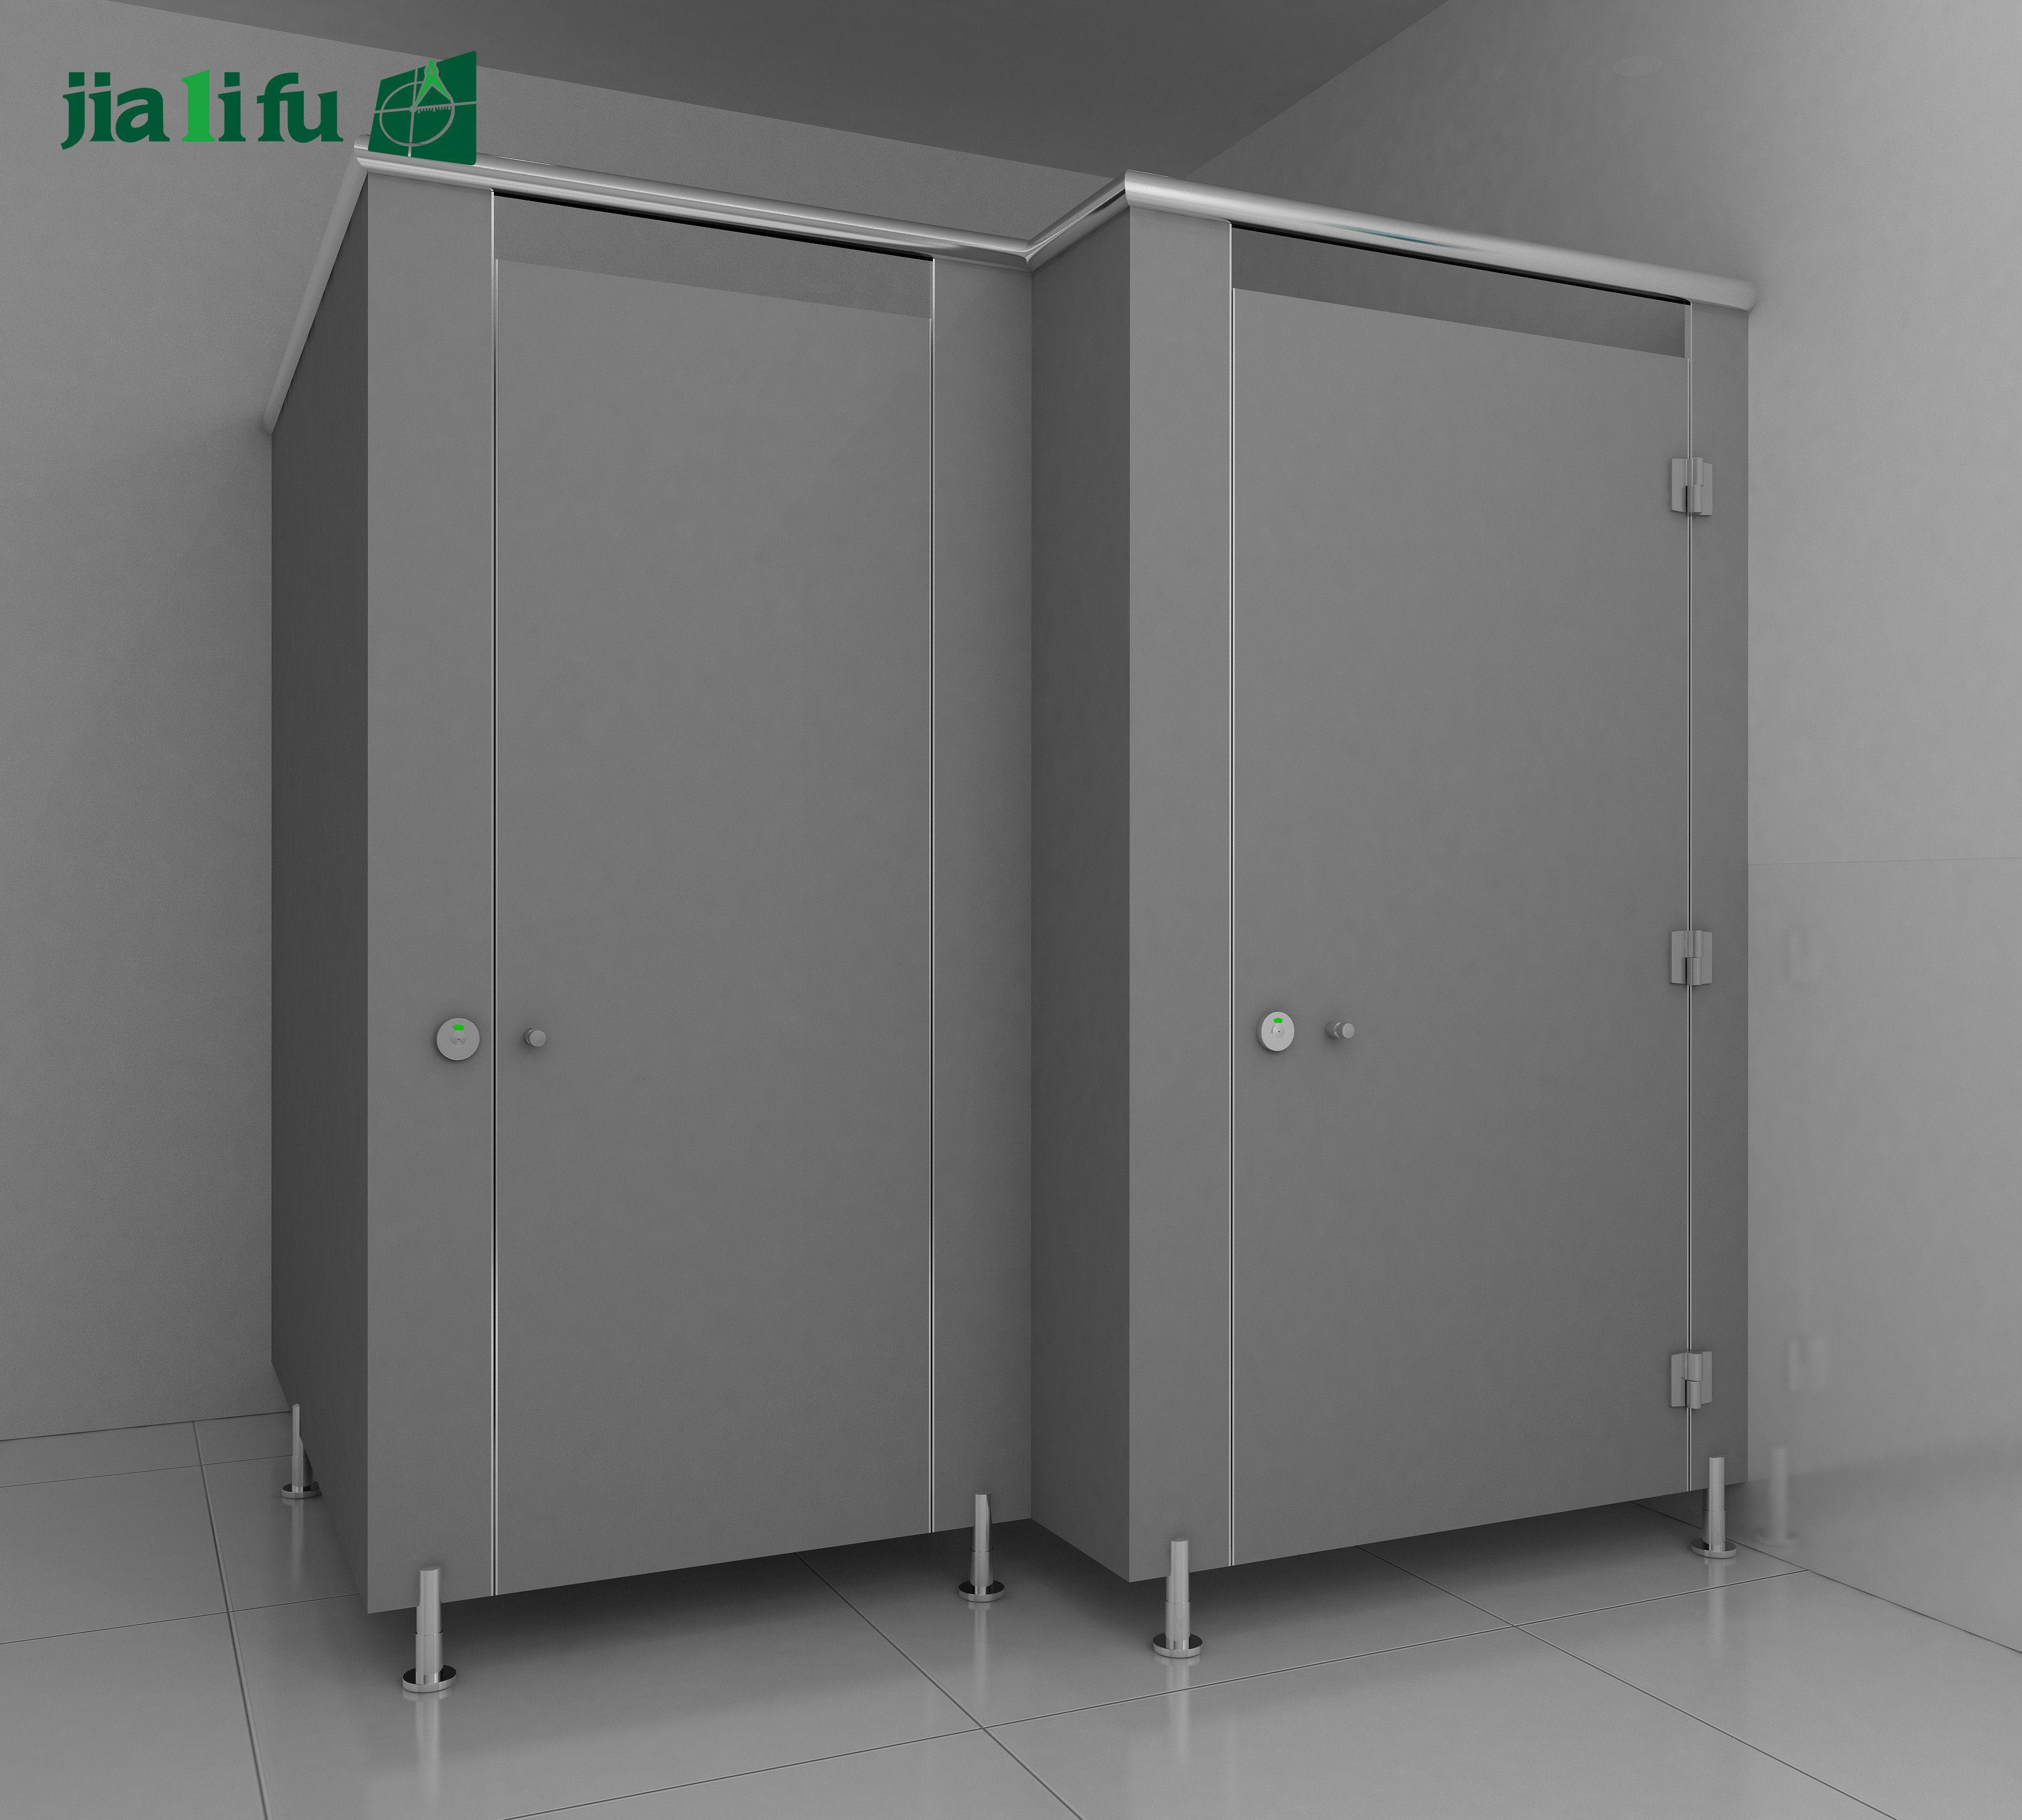 Pvc Toilet Partition Manufacturer Pvc Bathroom Partition Bathroom Partitions Partition Locker Storage